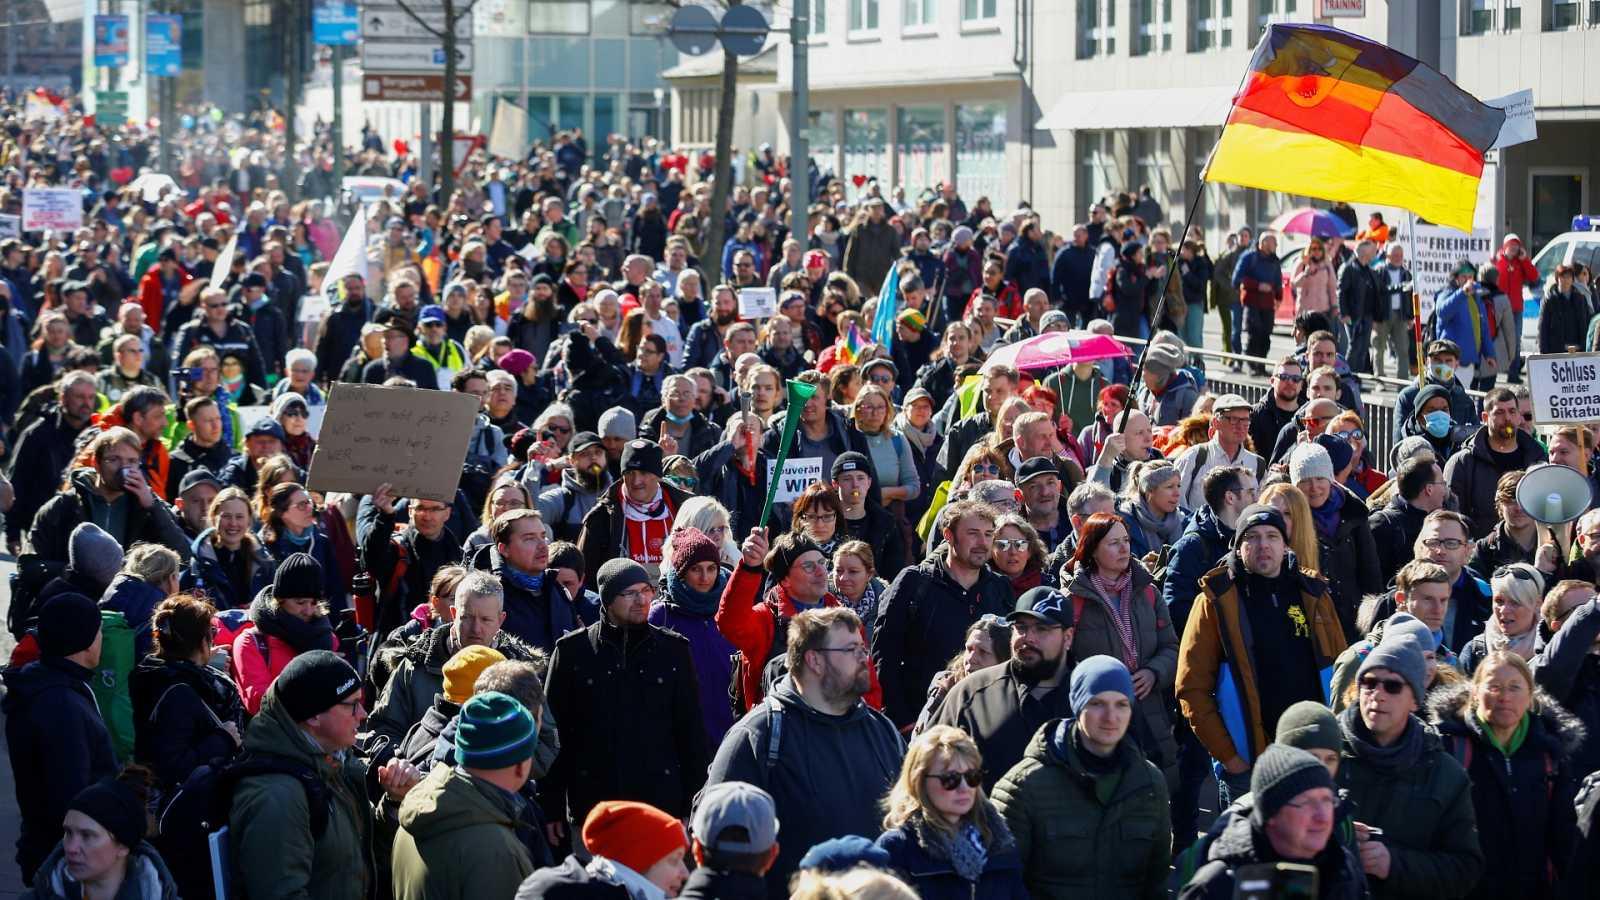 Miles de personas se manifiestan en la ciudad alemana de Kassel contra las  medidas anti-COVID